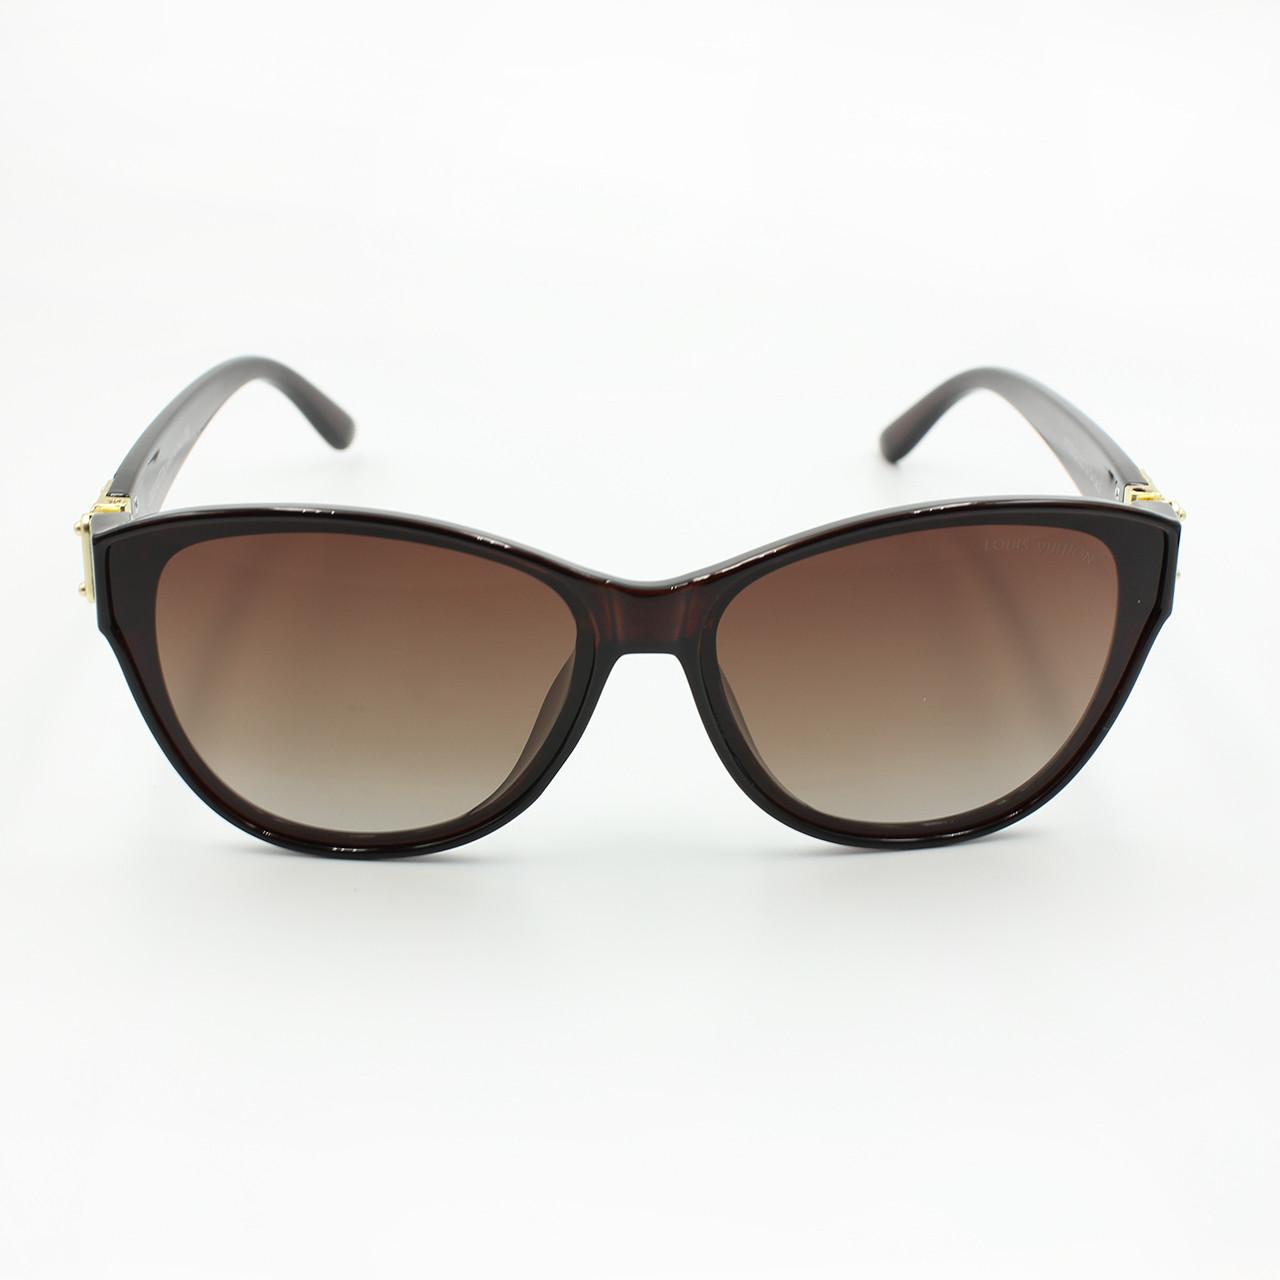 Коричневые женские солнцезащитные очки с поляризацией Louis Vuitton